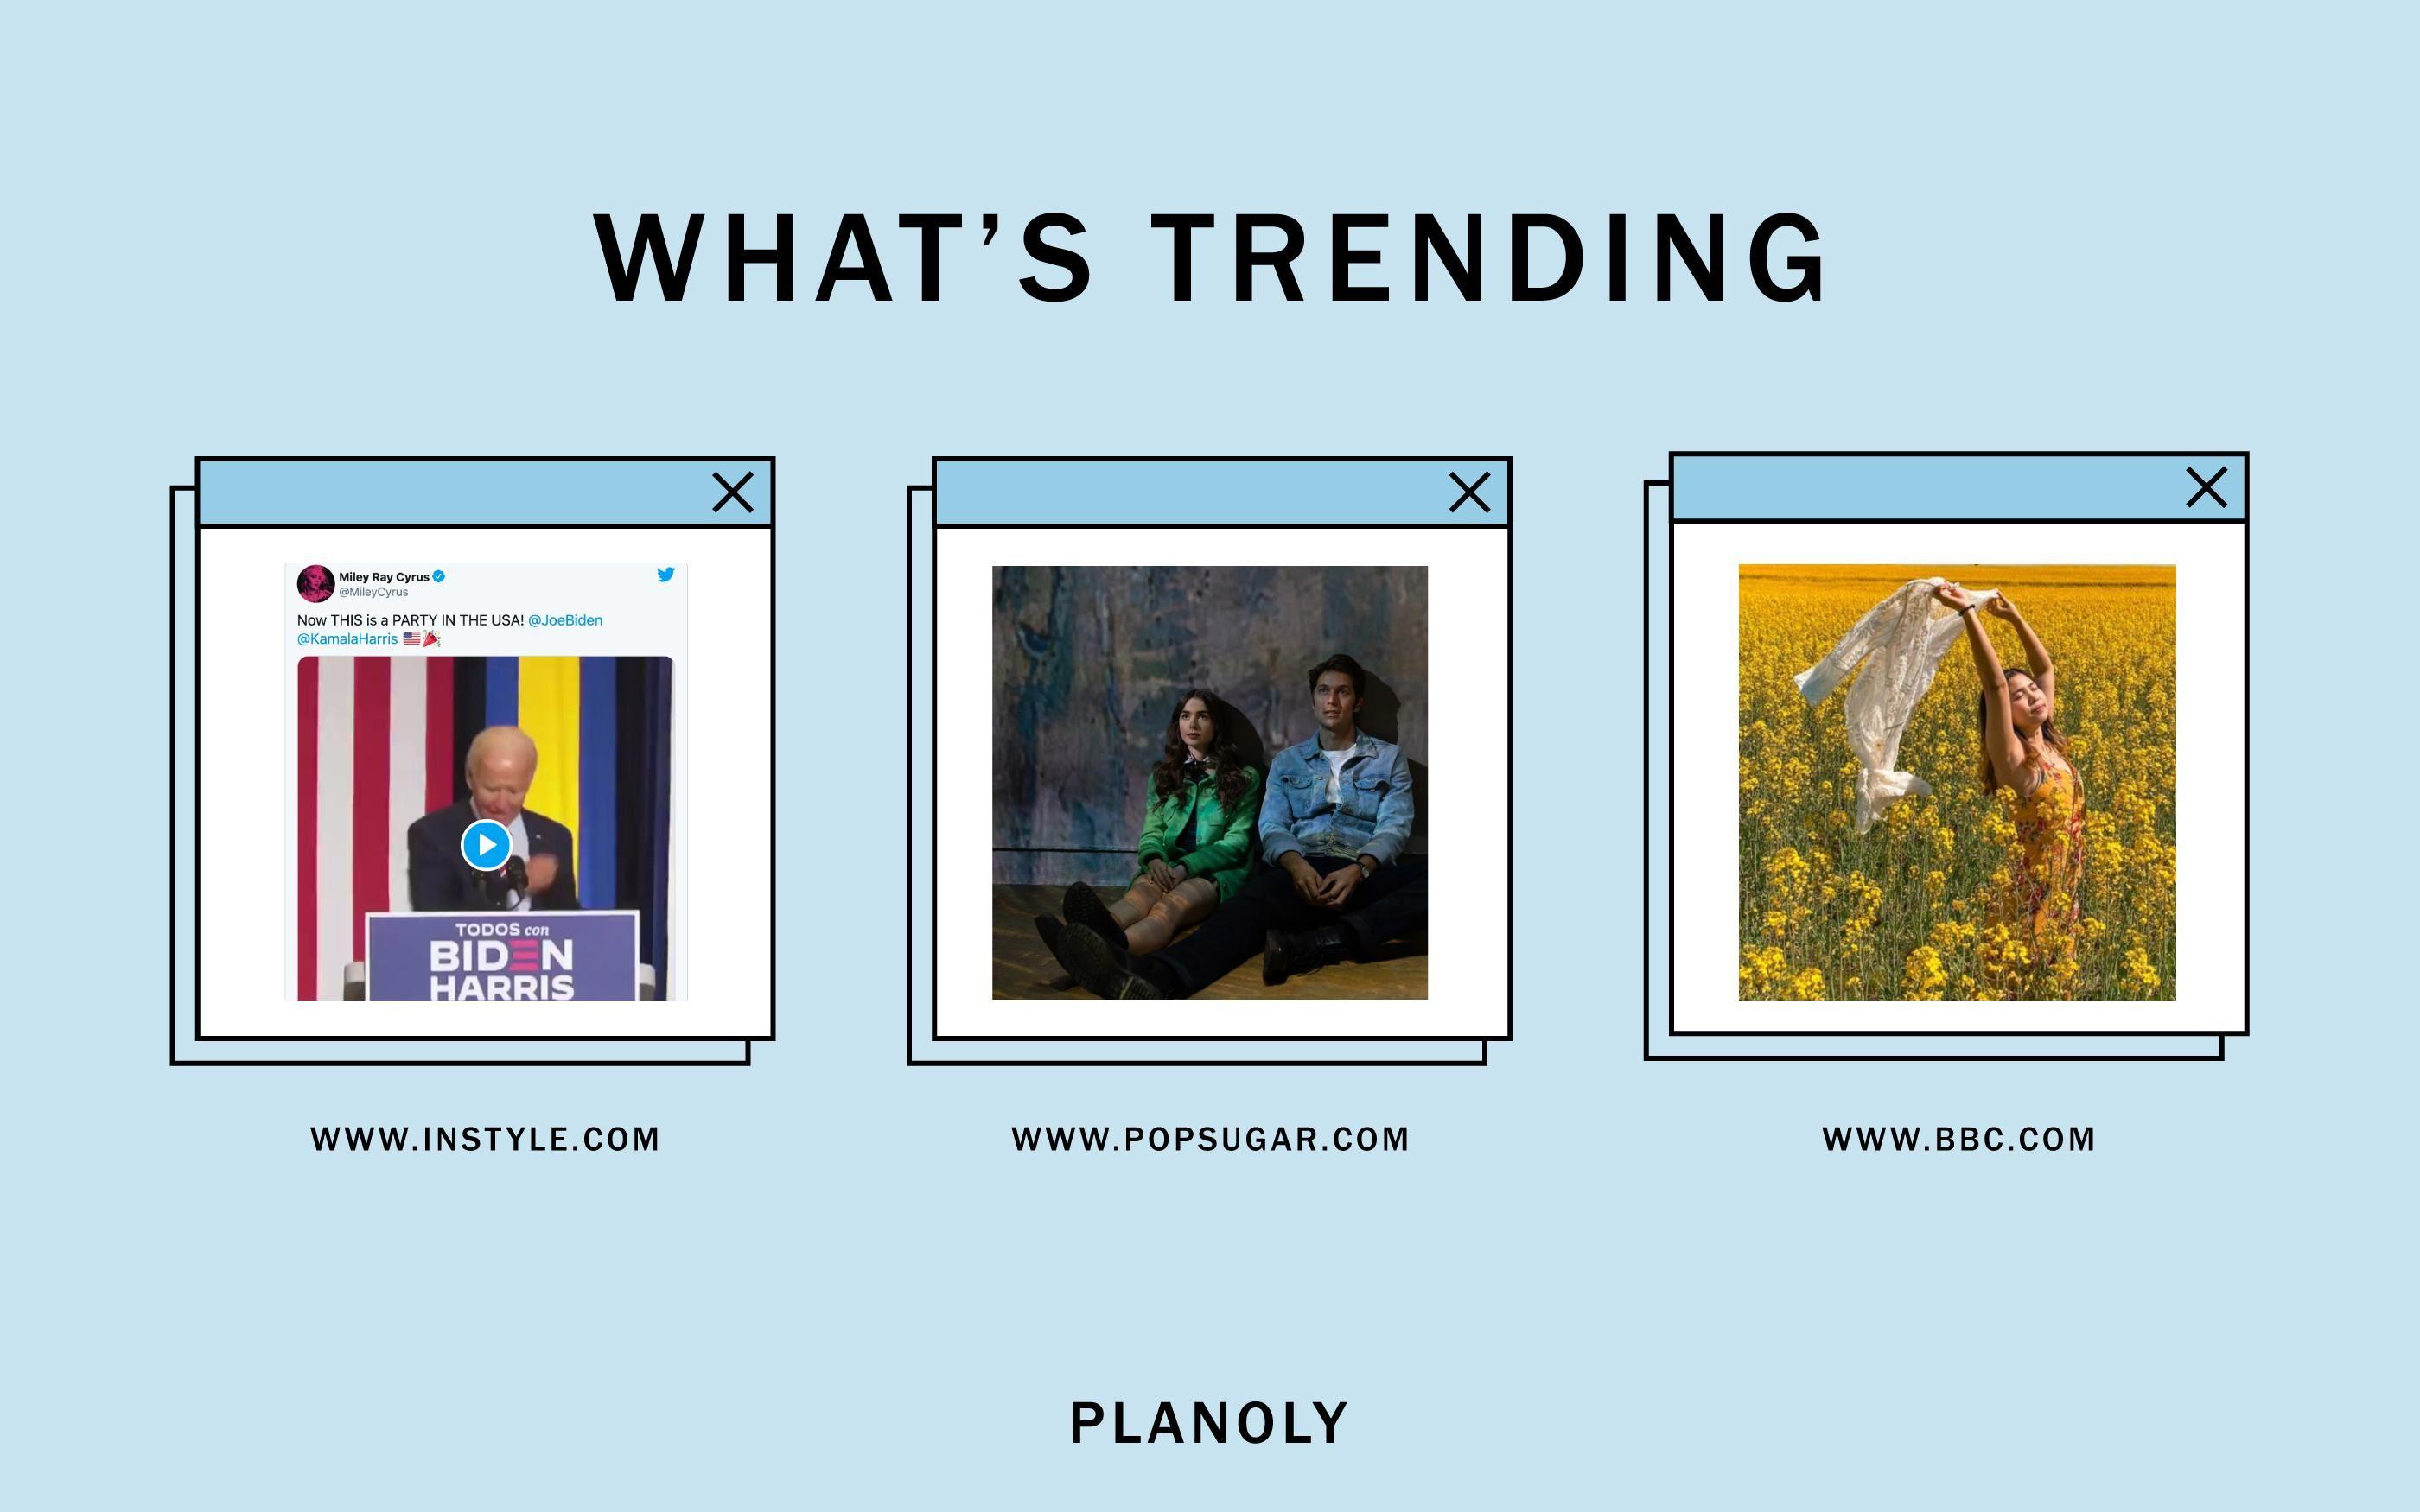 PLANOLY - Blog Post - Social Sphere - Week of 11.16.20 - Image 2